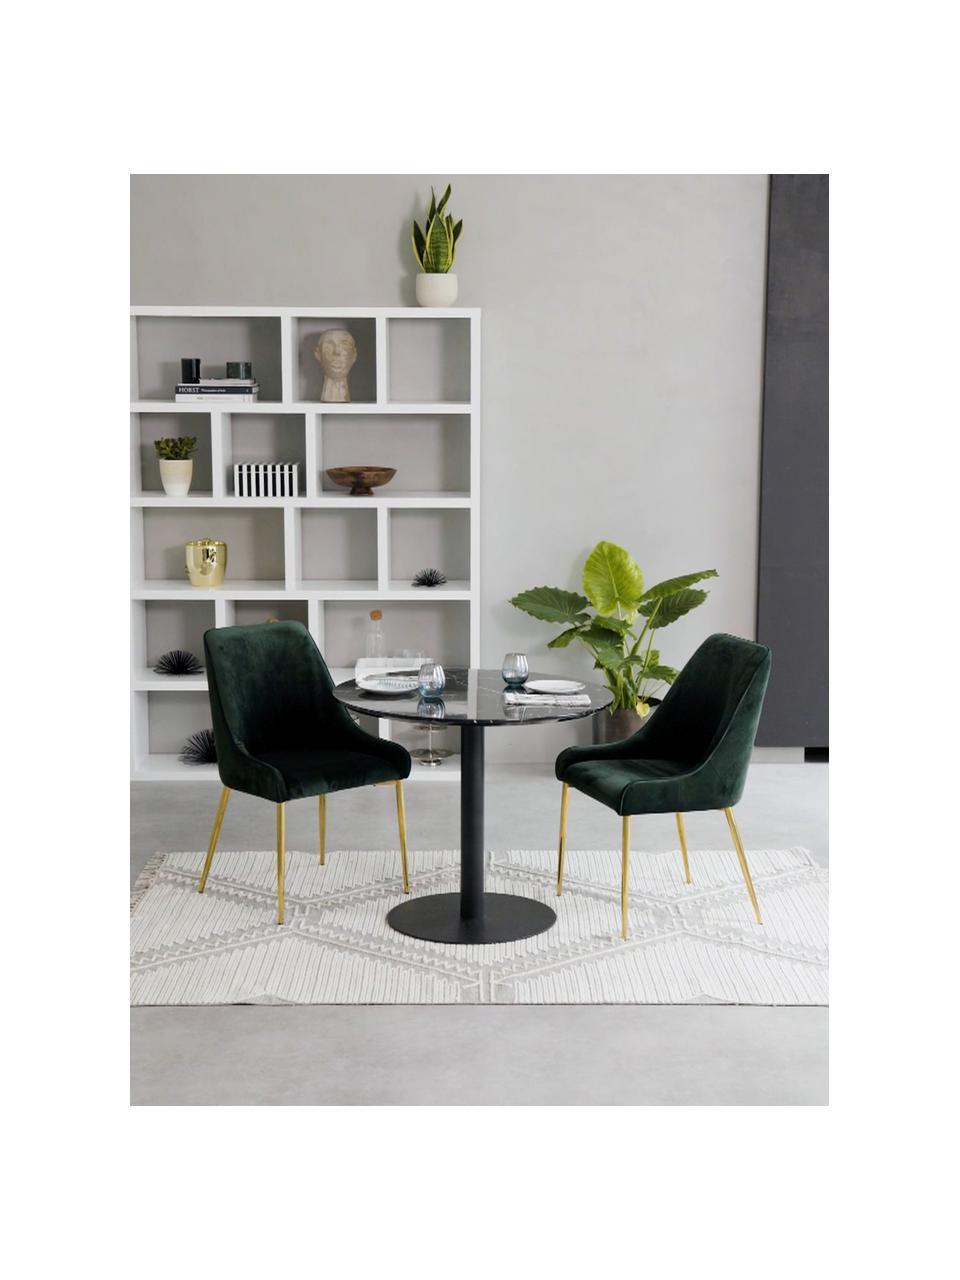 Sedia in velluto verde scuro Ava, Rivestimento: velluto (100% poliestere), Gambe: metallo zincato, Velluto verde scuro, Larg. 53 x Alt. 60 cm